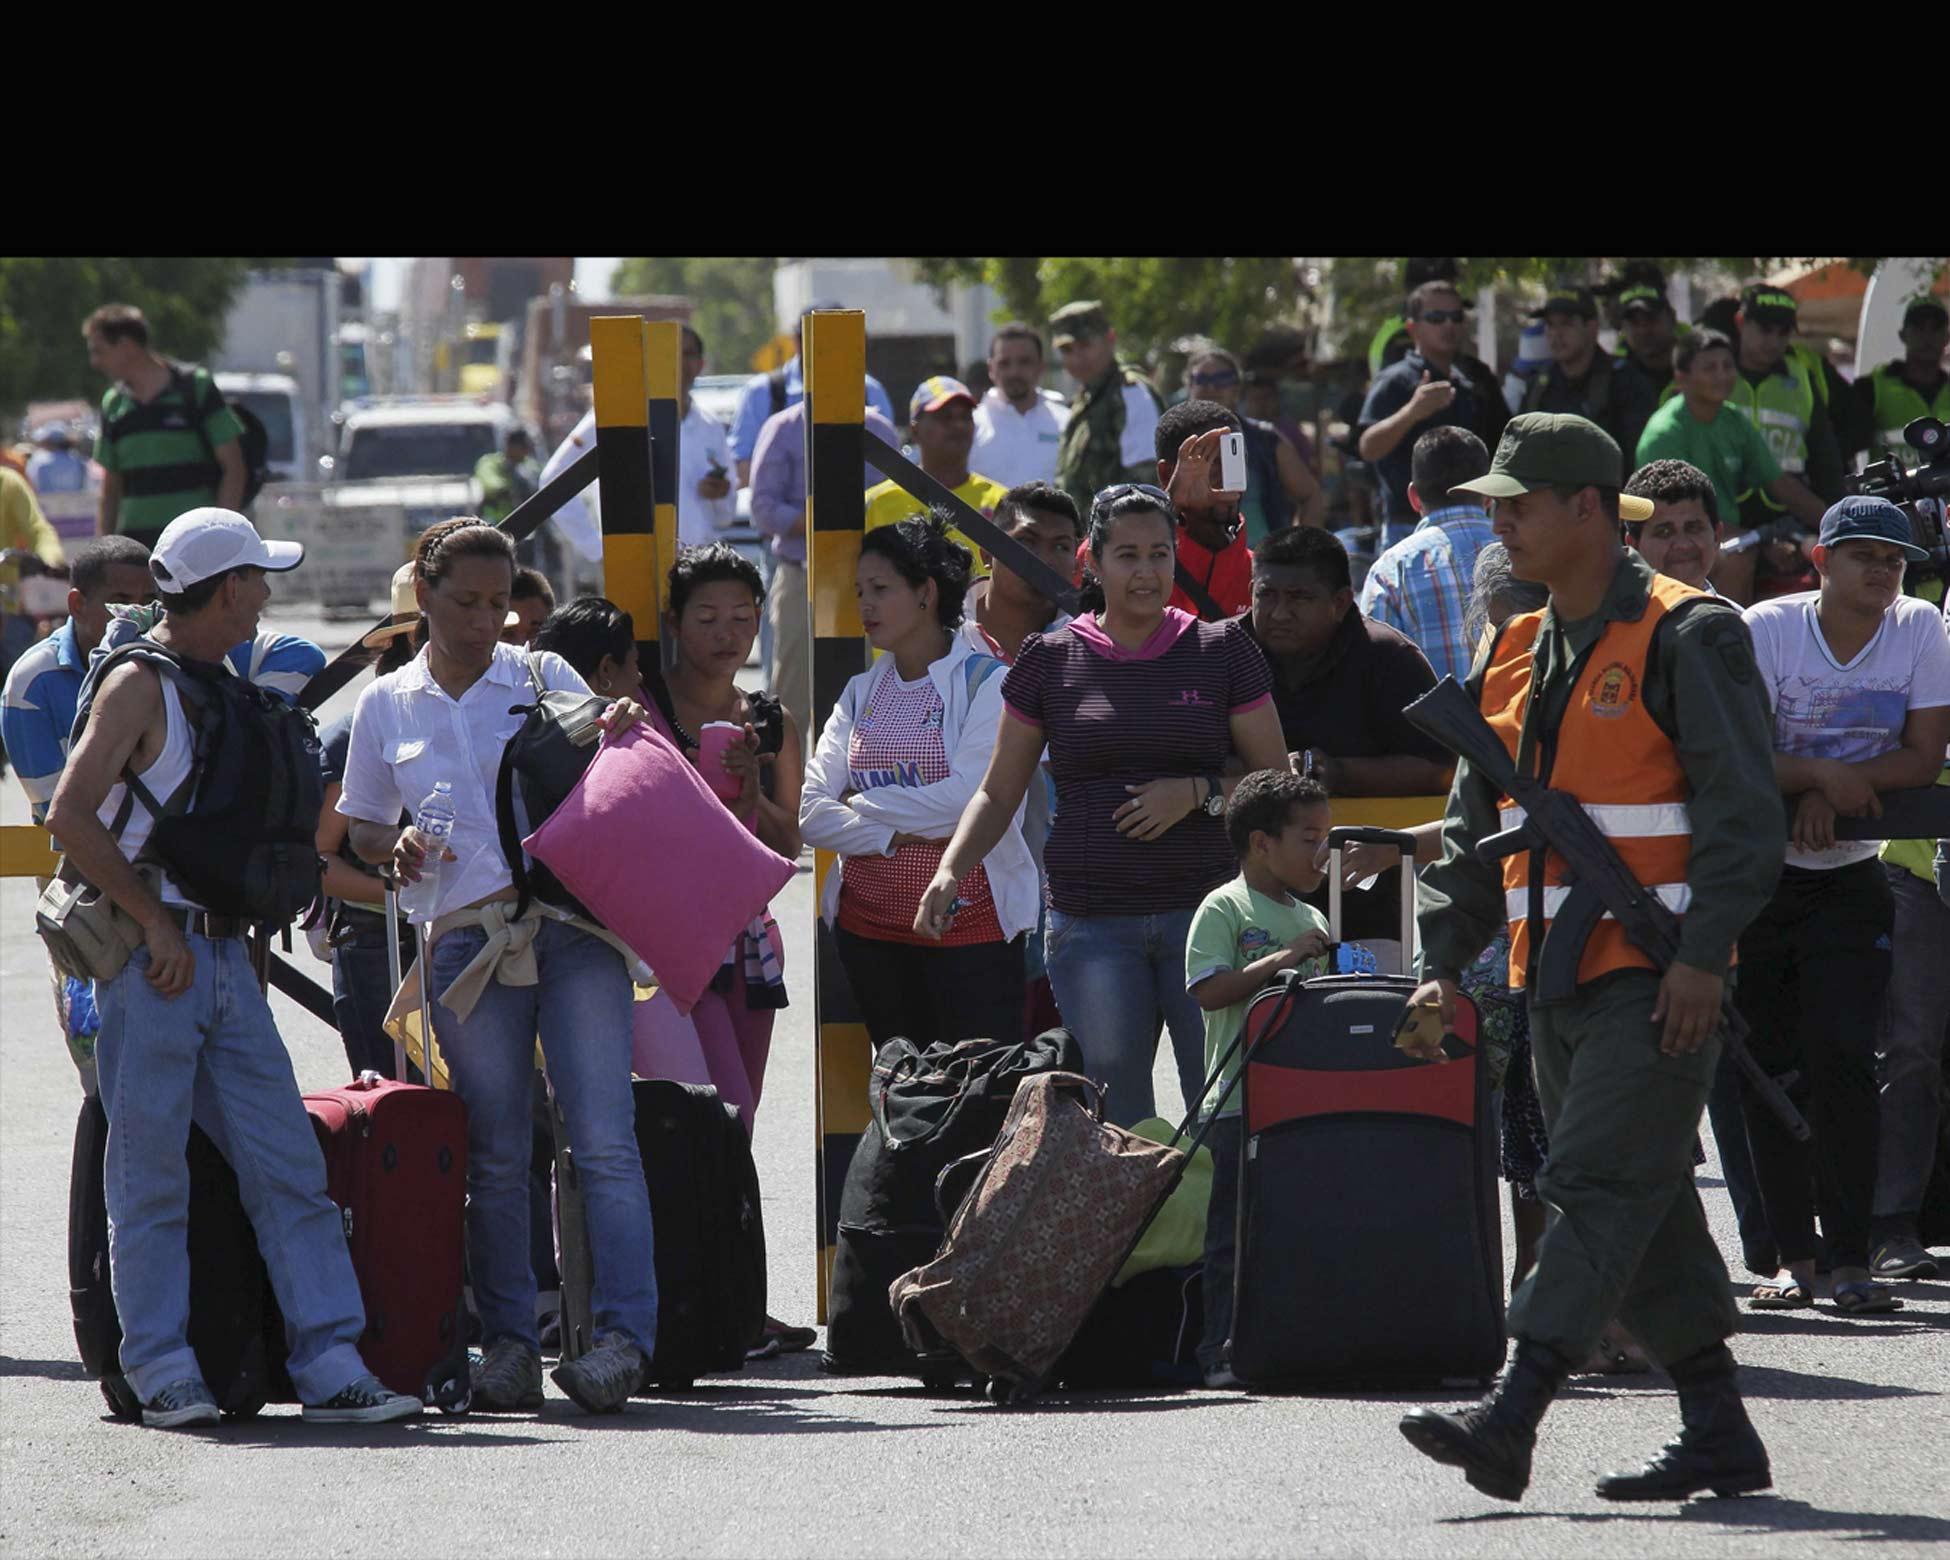 El objetivo del viaje es observar la situación de derechos humanos de las personas ubicadas en dicha zona